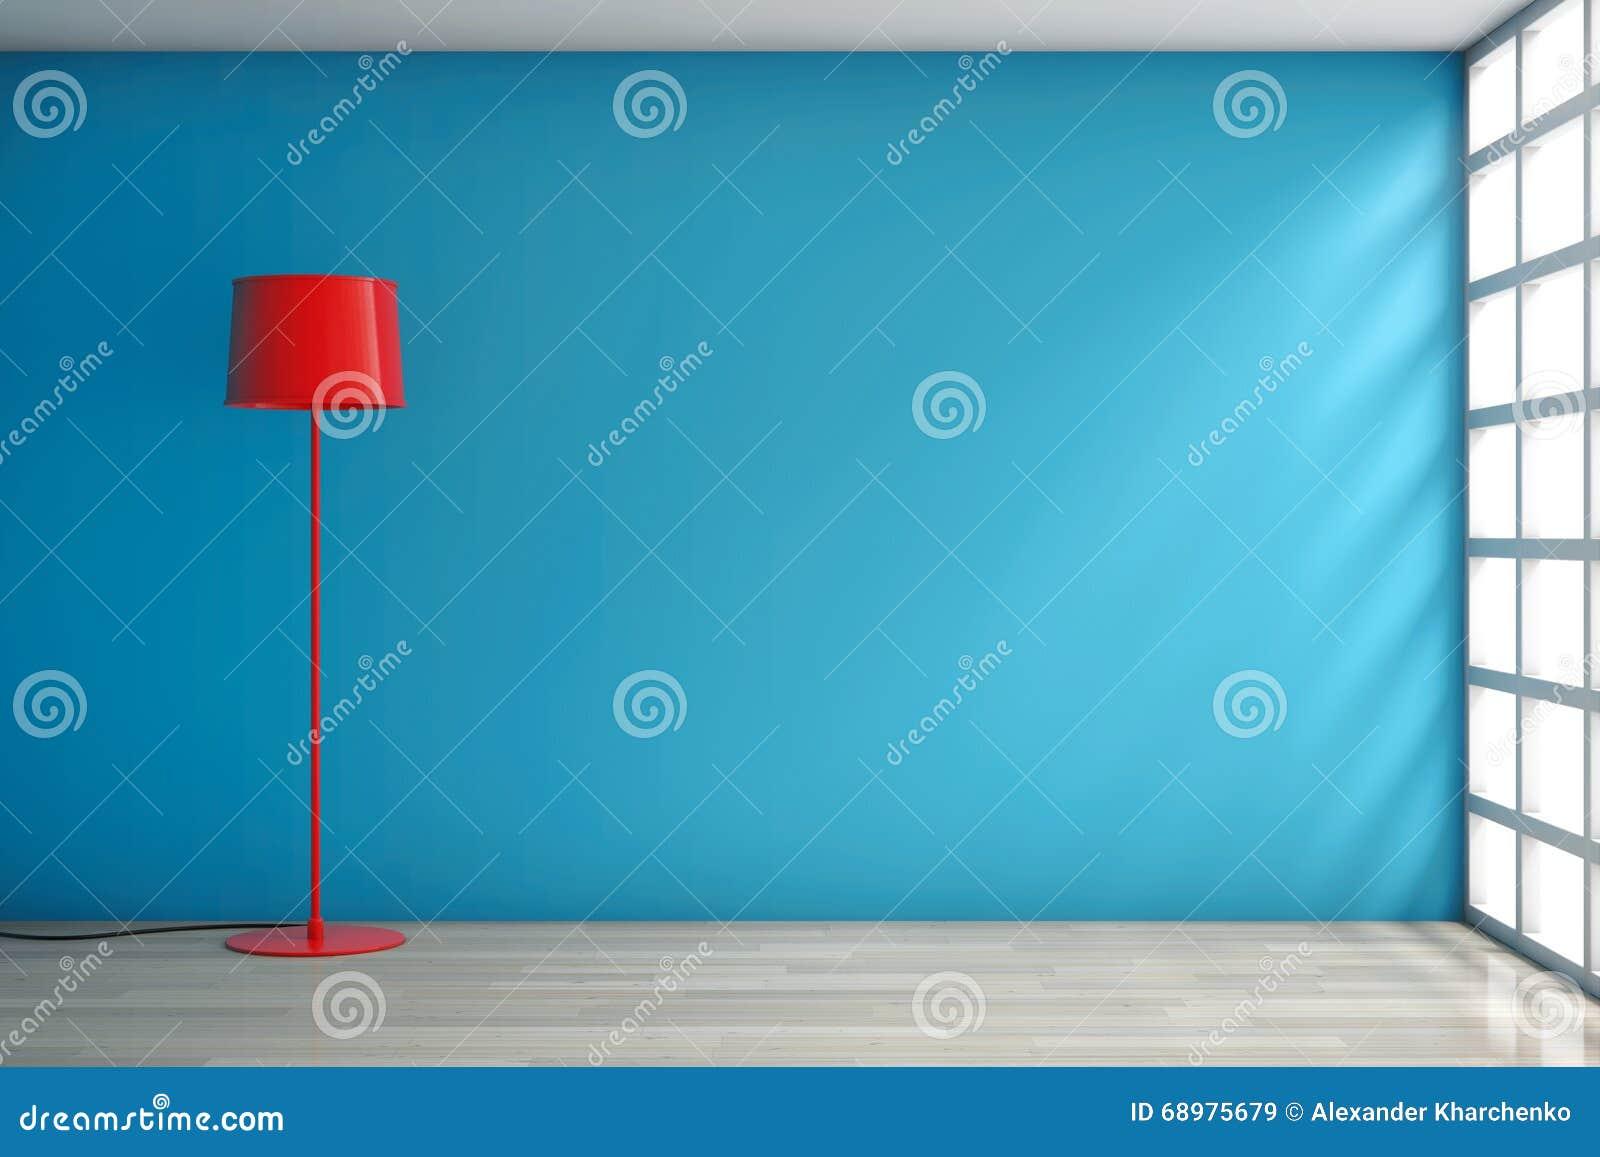 Lámpara roja moderna contra una pared